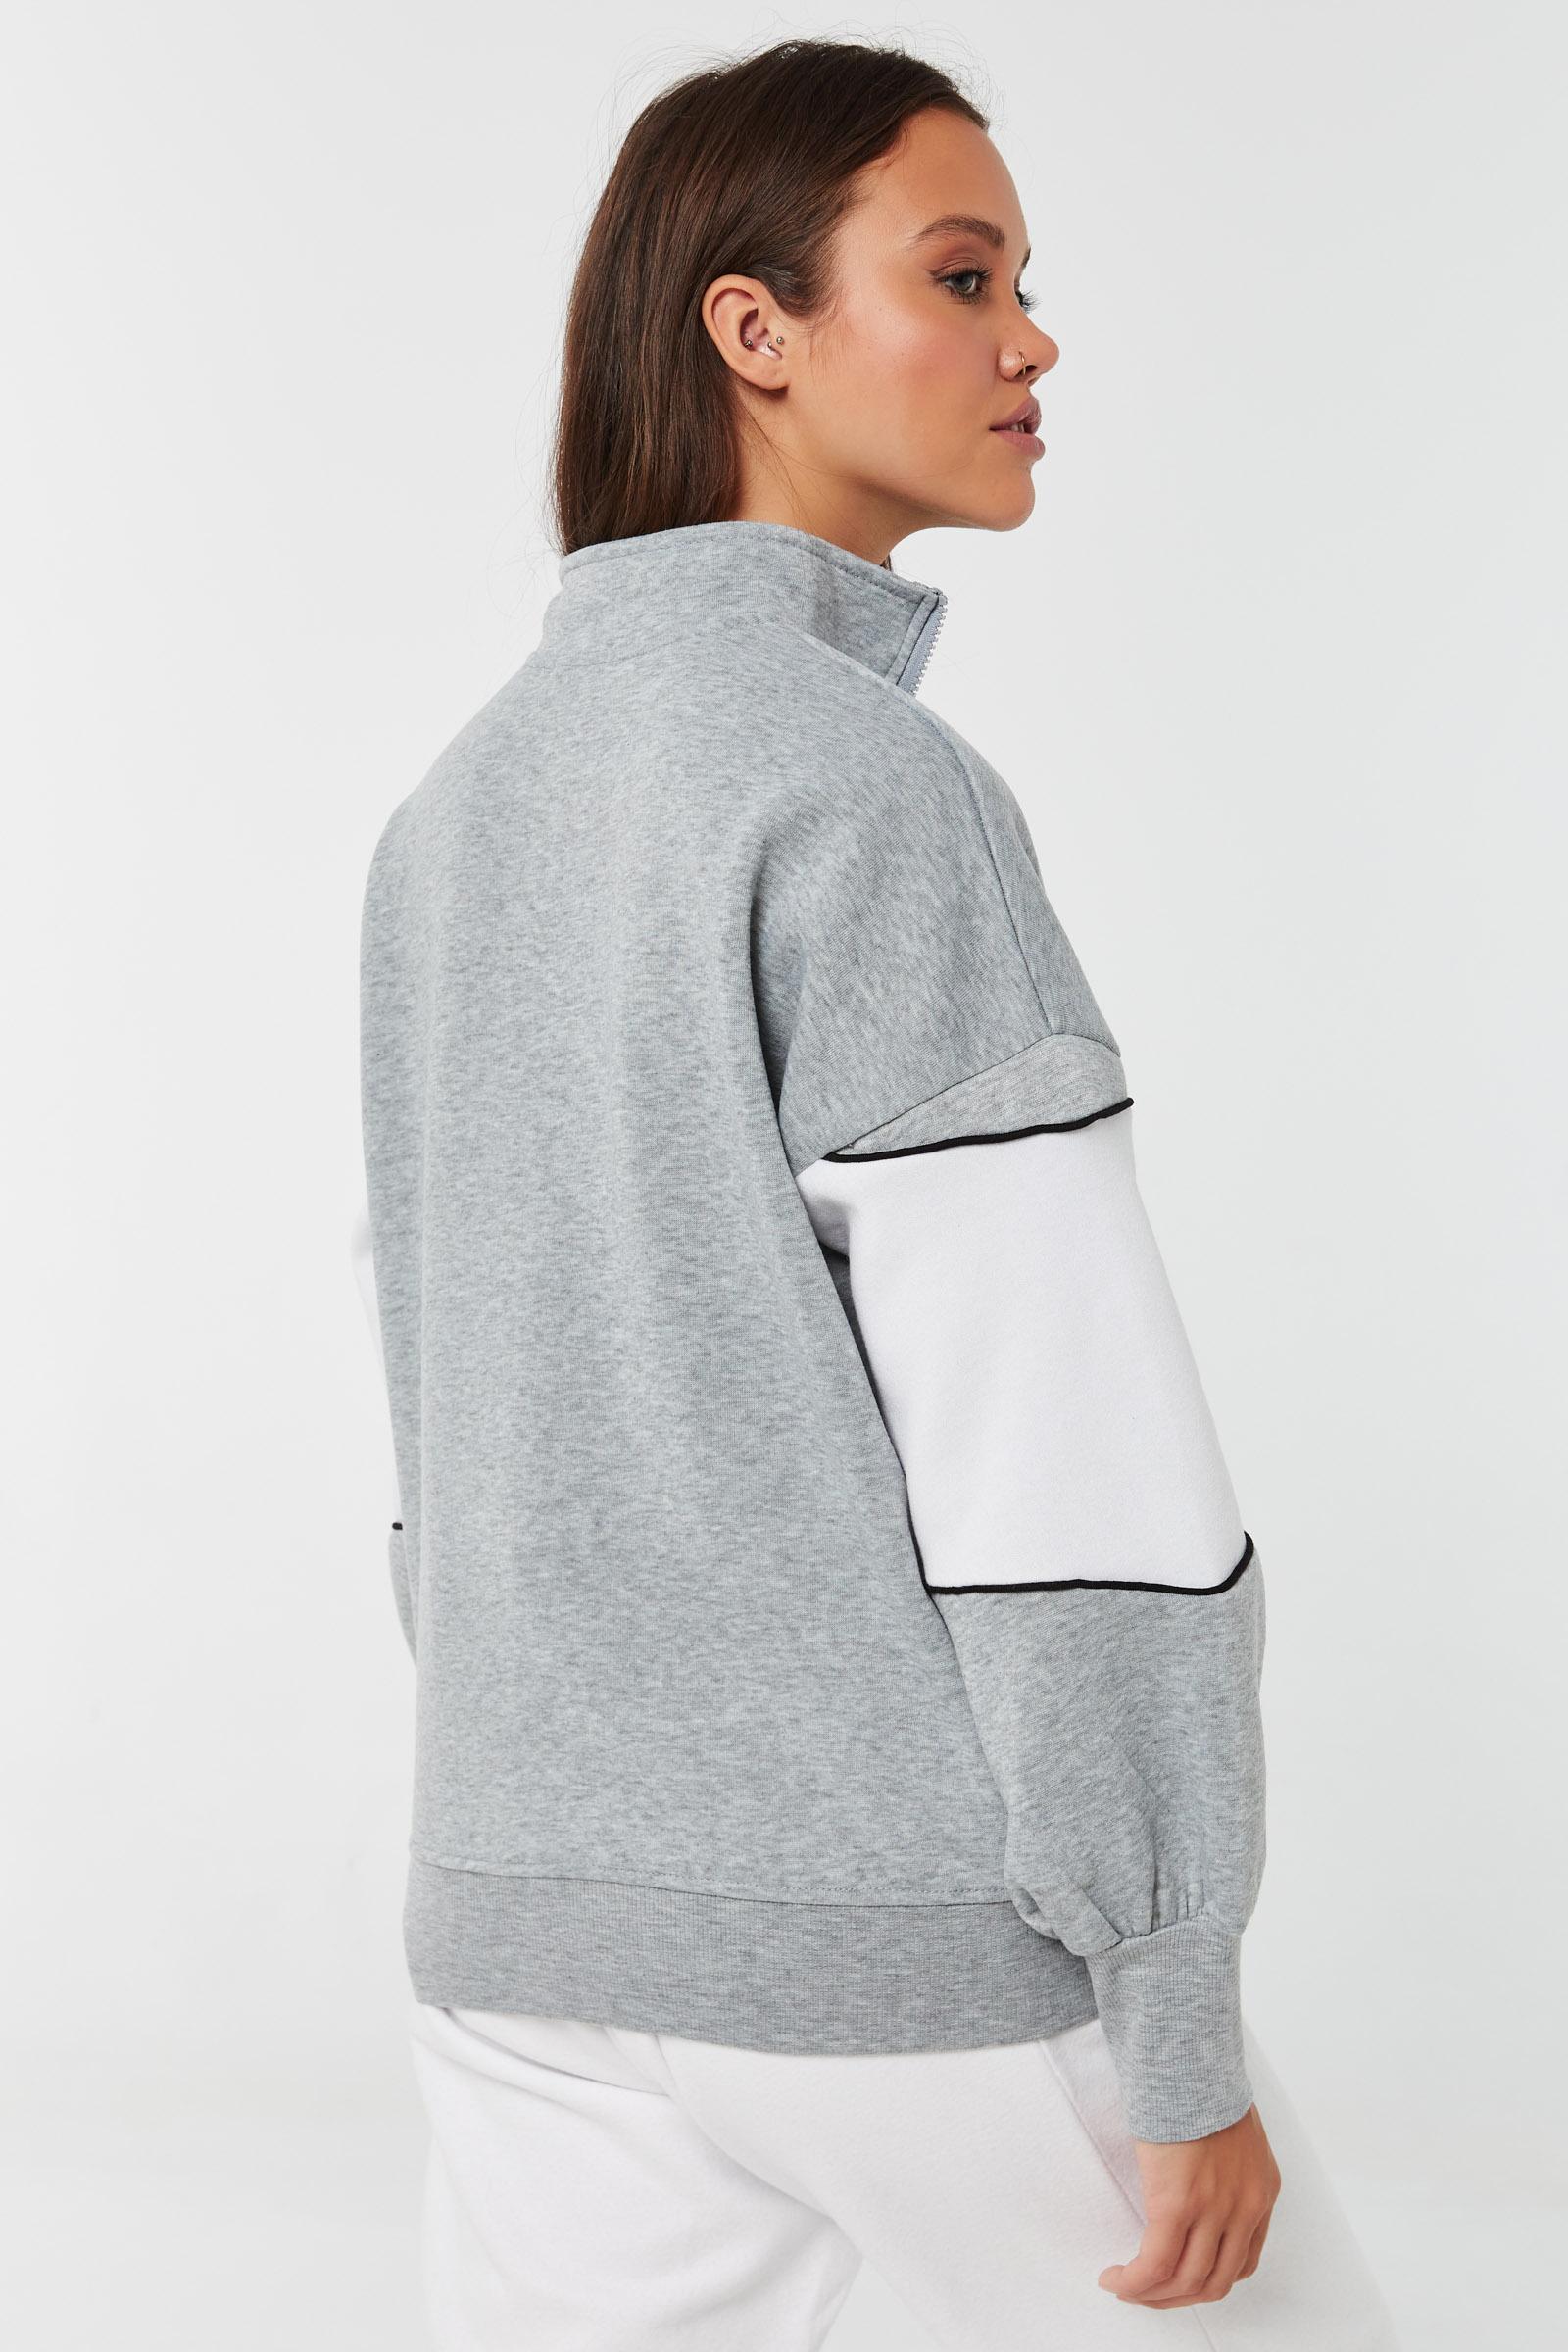 Colorblock Zip Sweatshirt